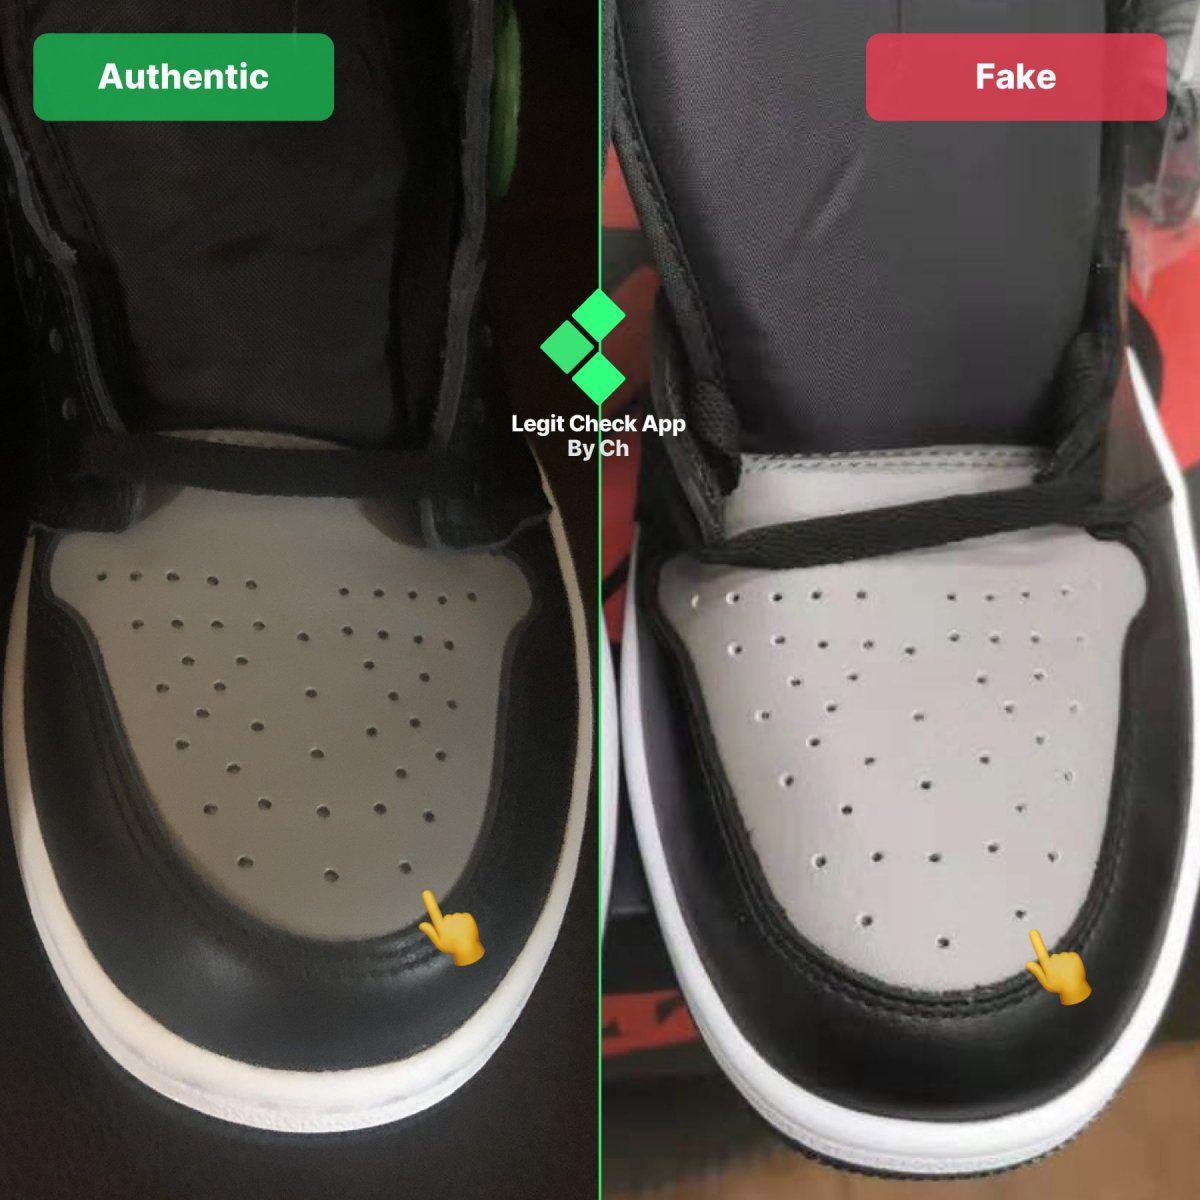 Pin on Air Jordan 1 General Legit Check Guide